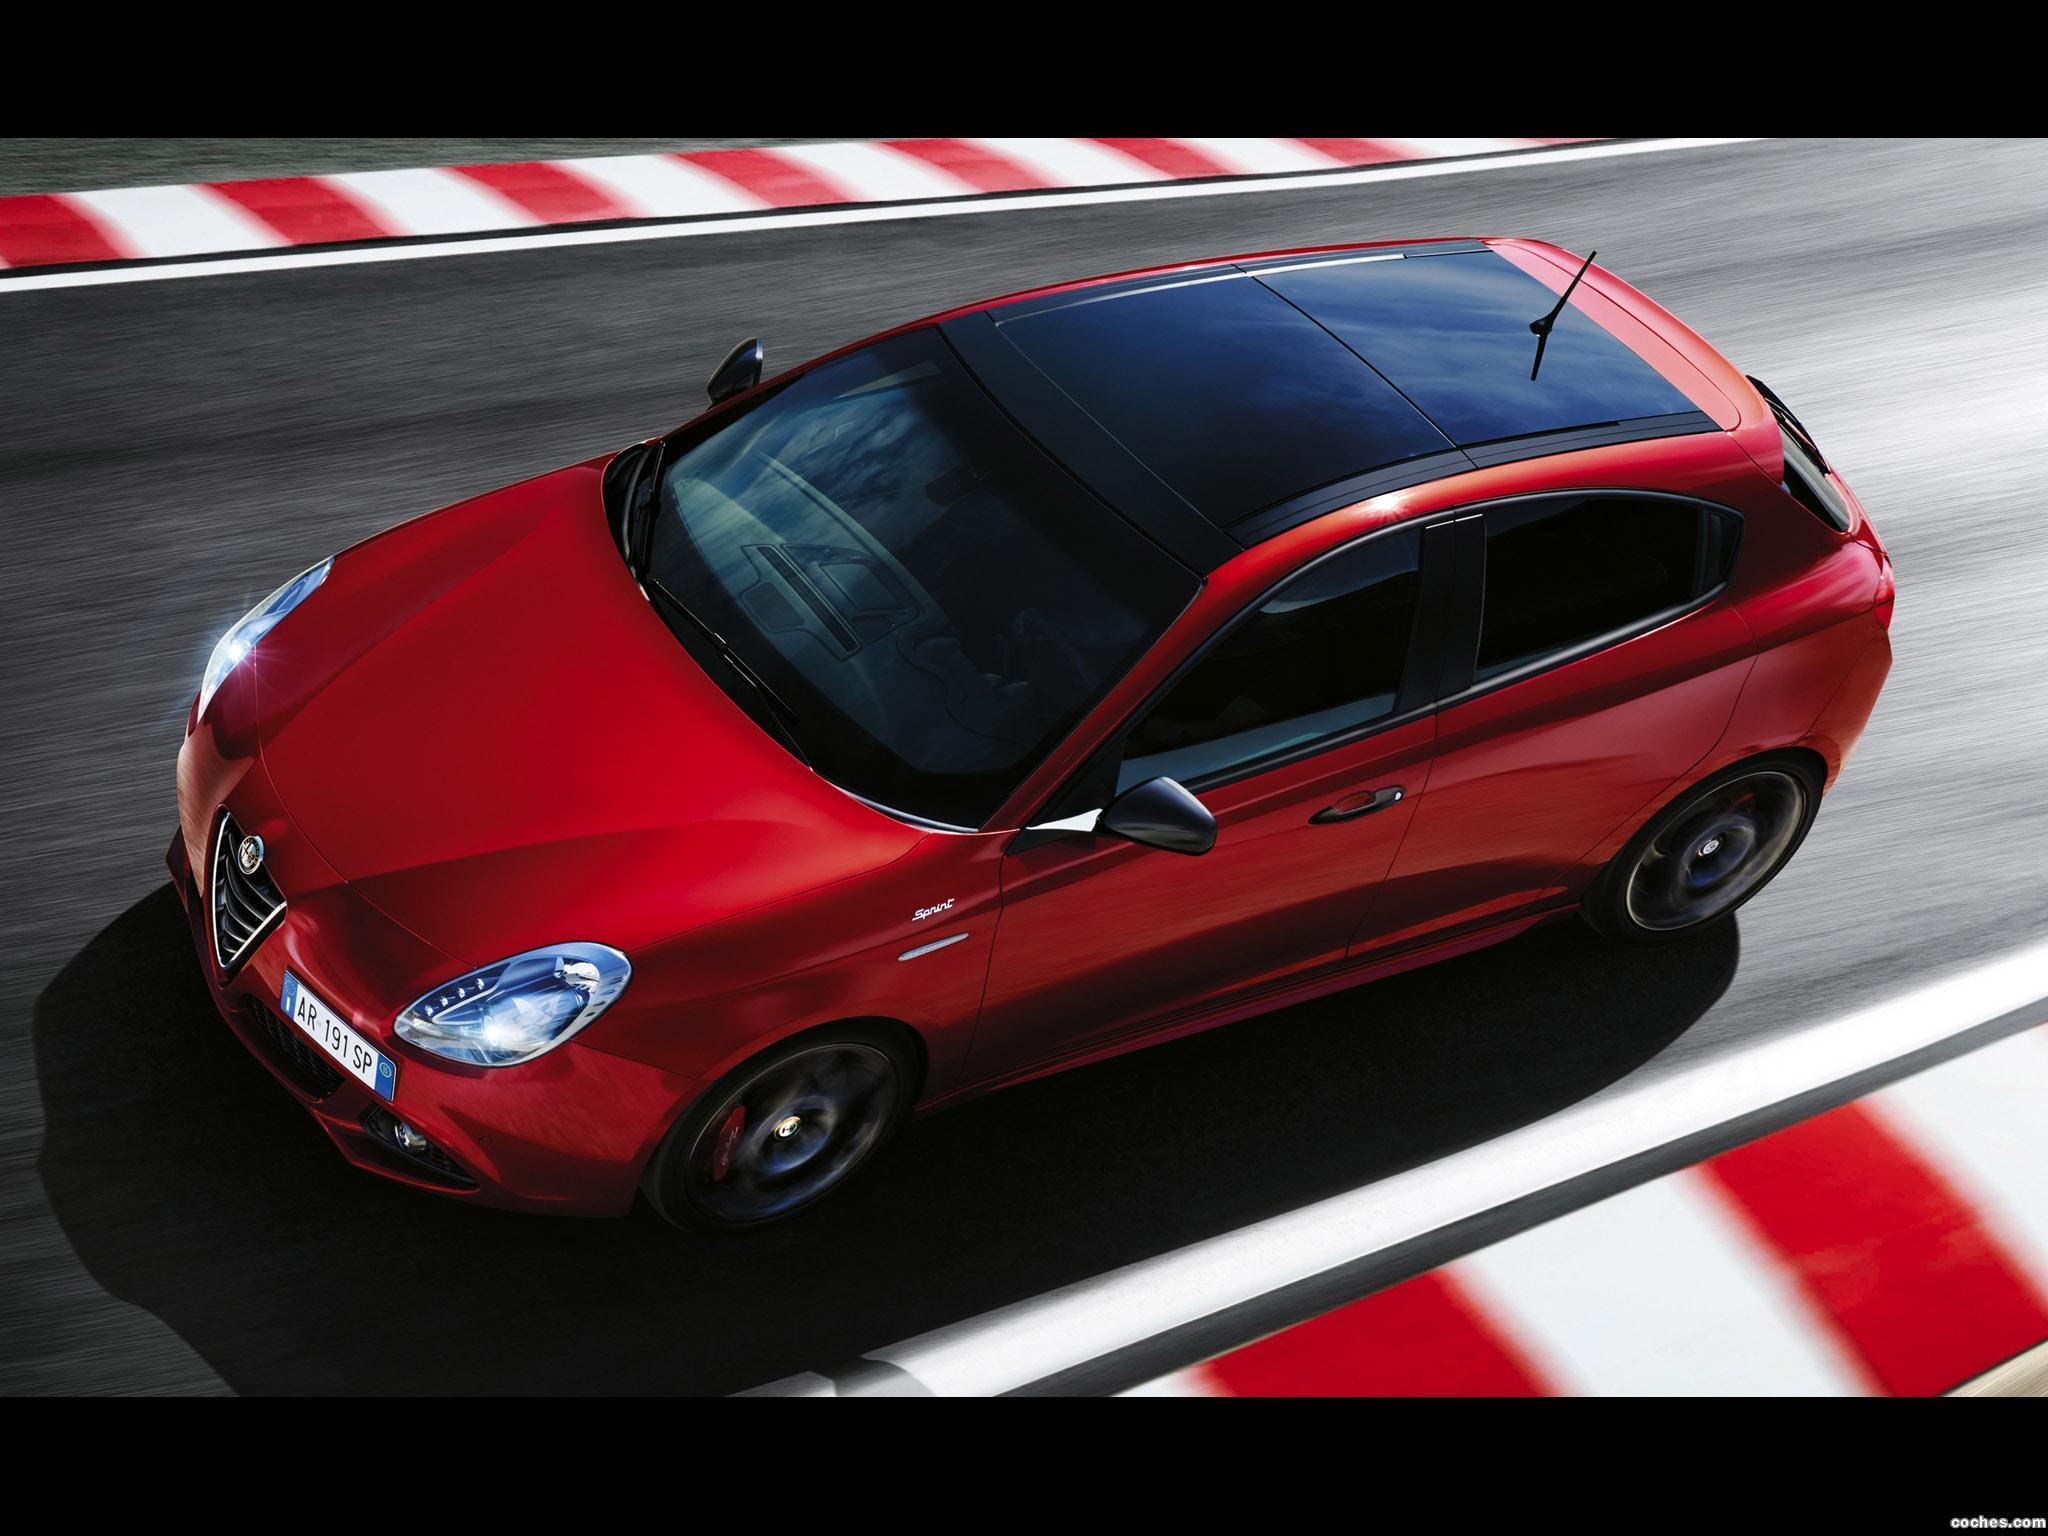 Foto 1 de Alfa Romeo Giulietta Sprint Speciale 2015